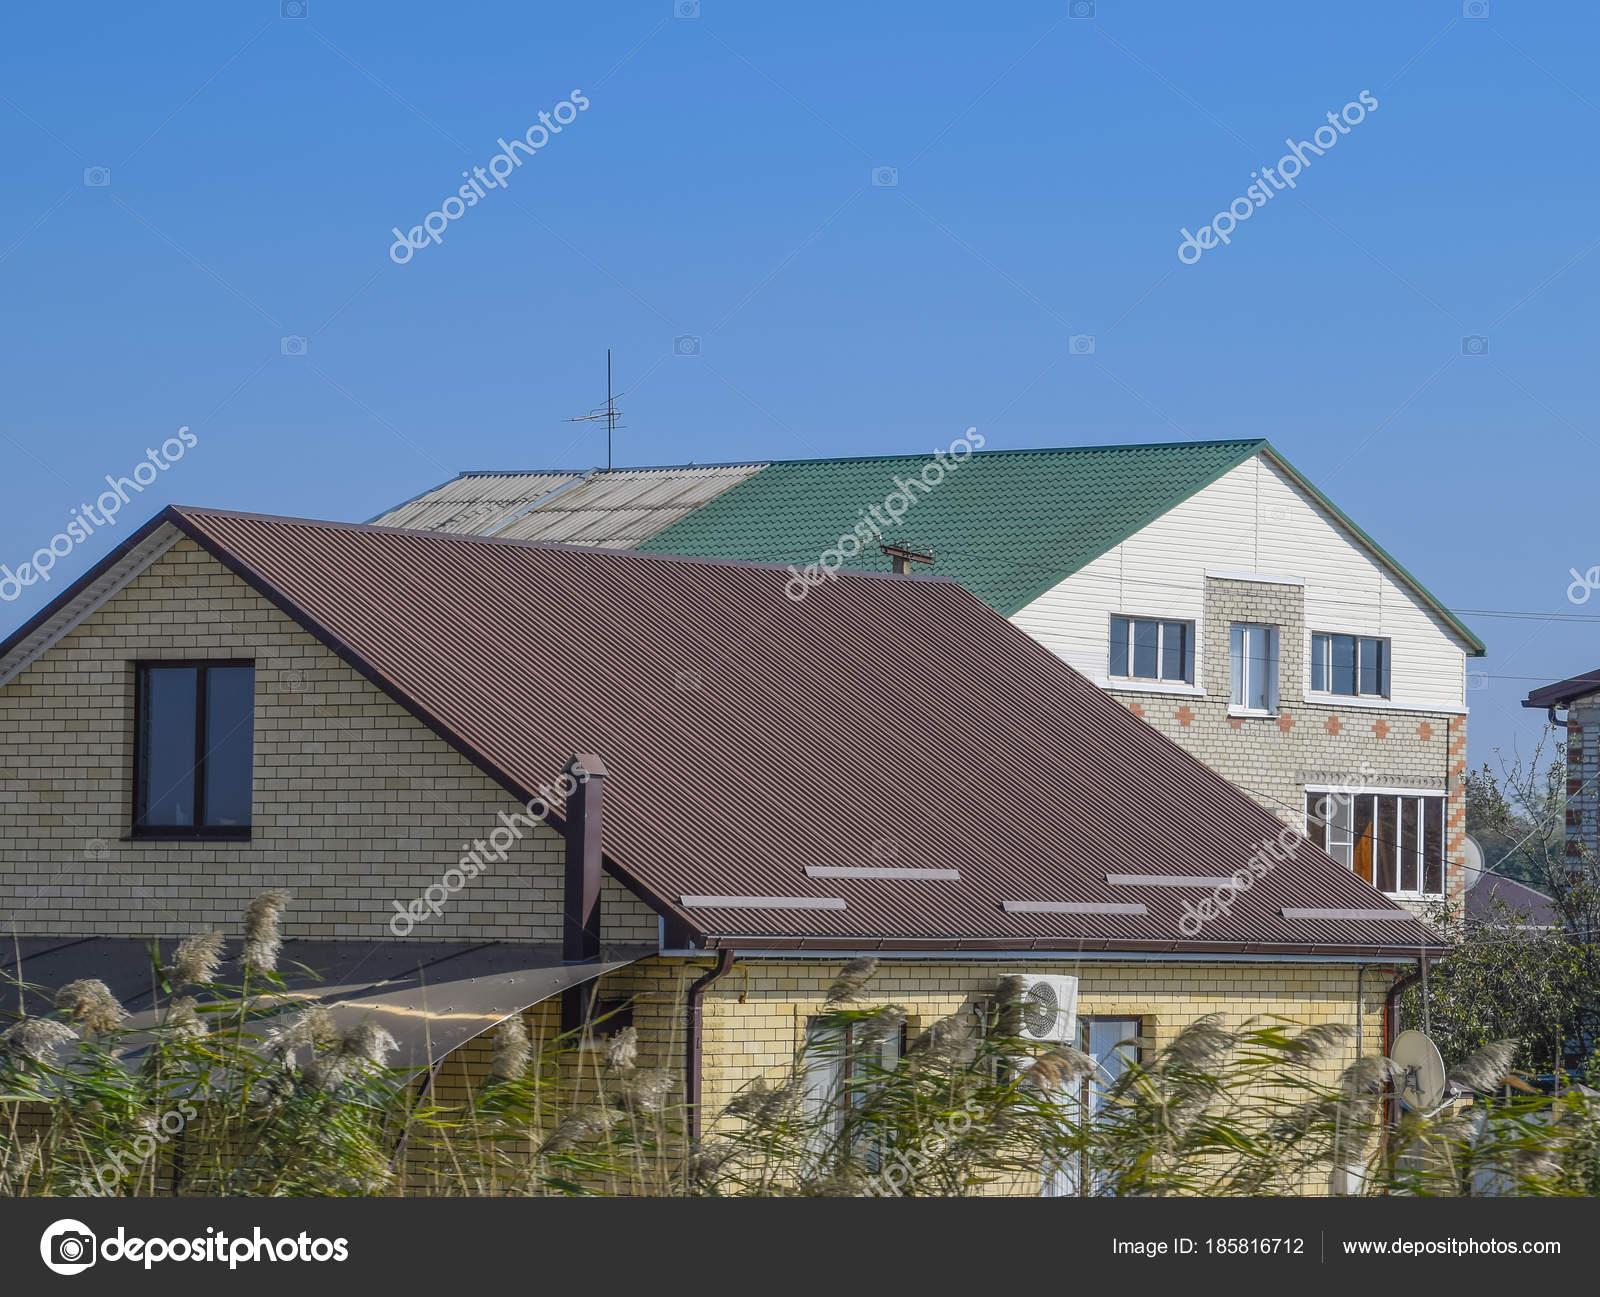 Materiales para tejados de casas good materiales para for Materiales para techos de casas